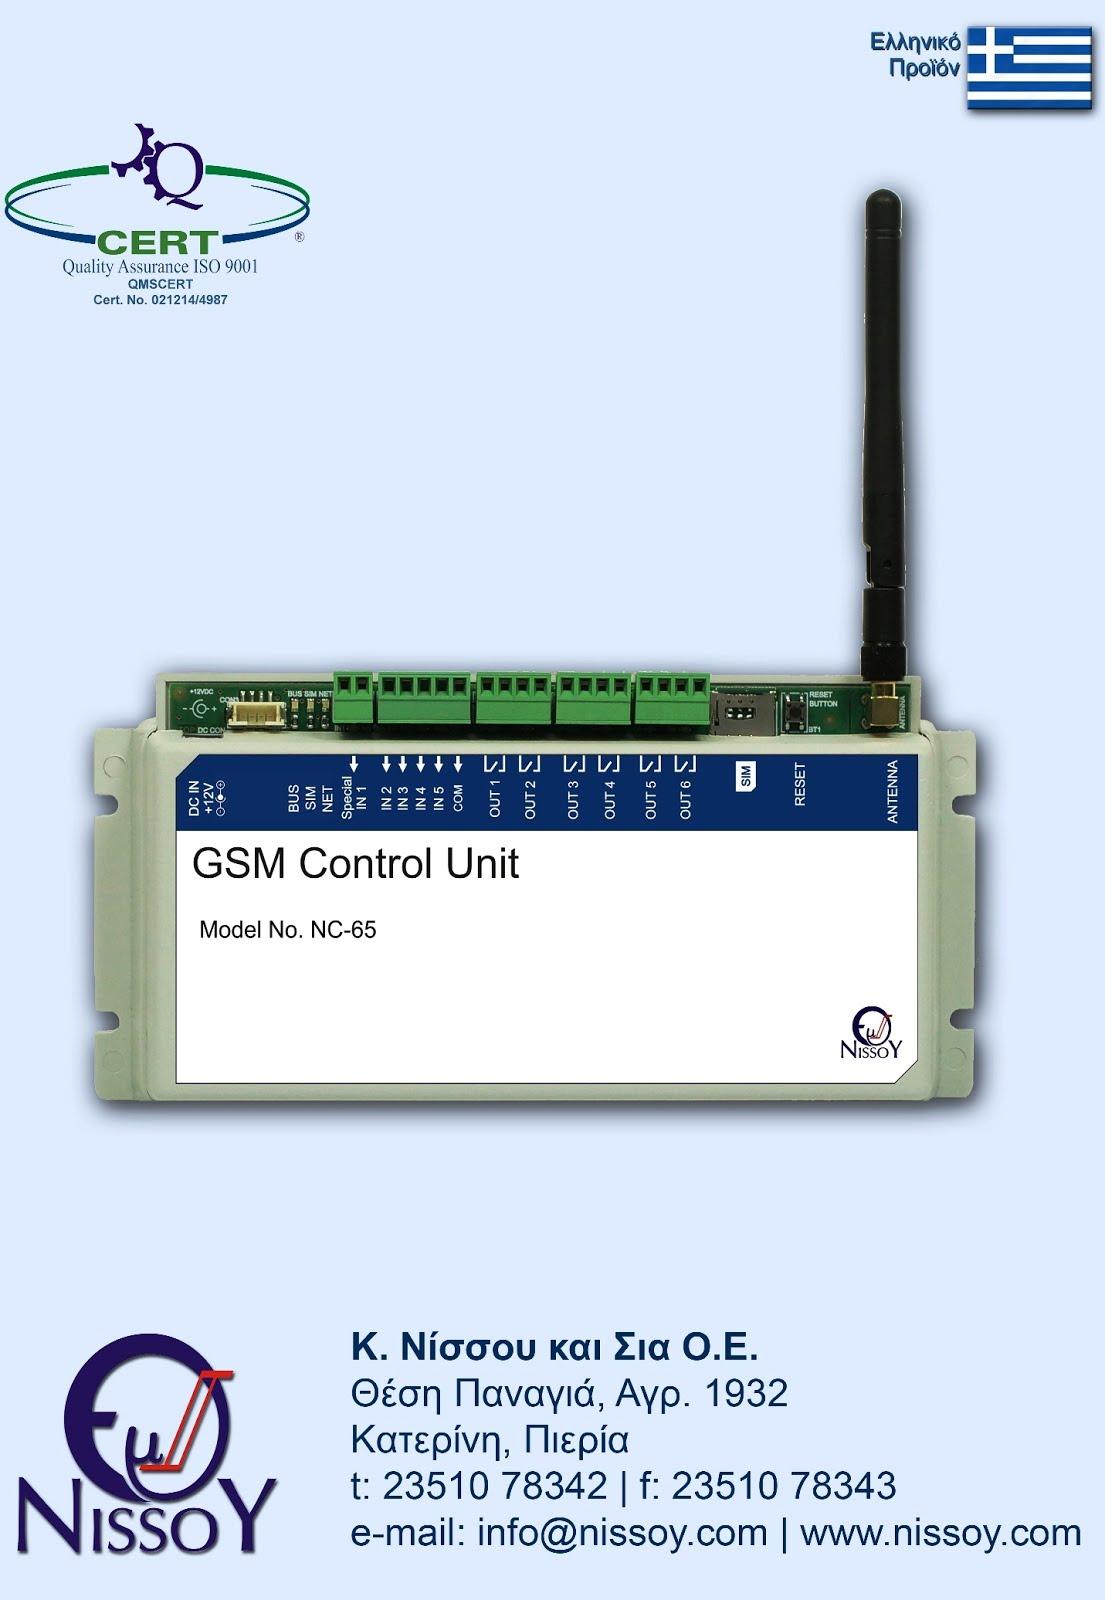 Το NC-65 σχεδιάστηκε για να ελέγχει απομακρυσμένα, με τη χρήση κινητού, οποιαδήποτε συσκευή!